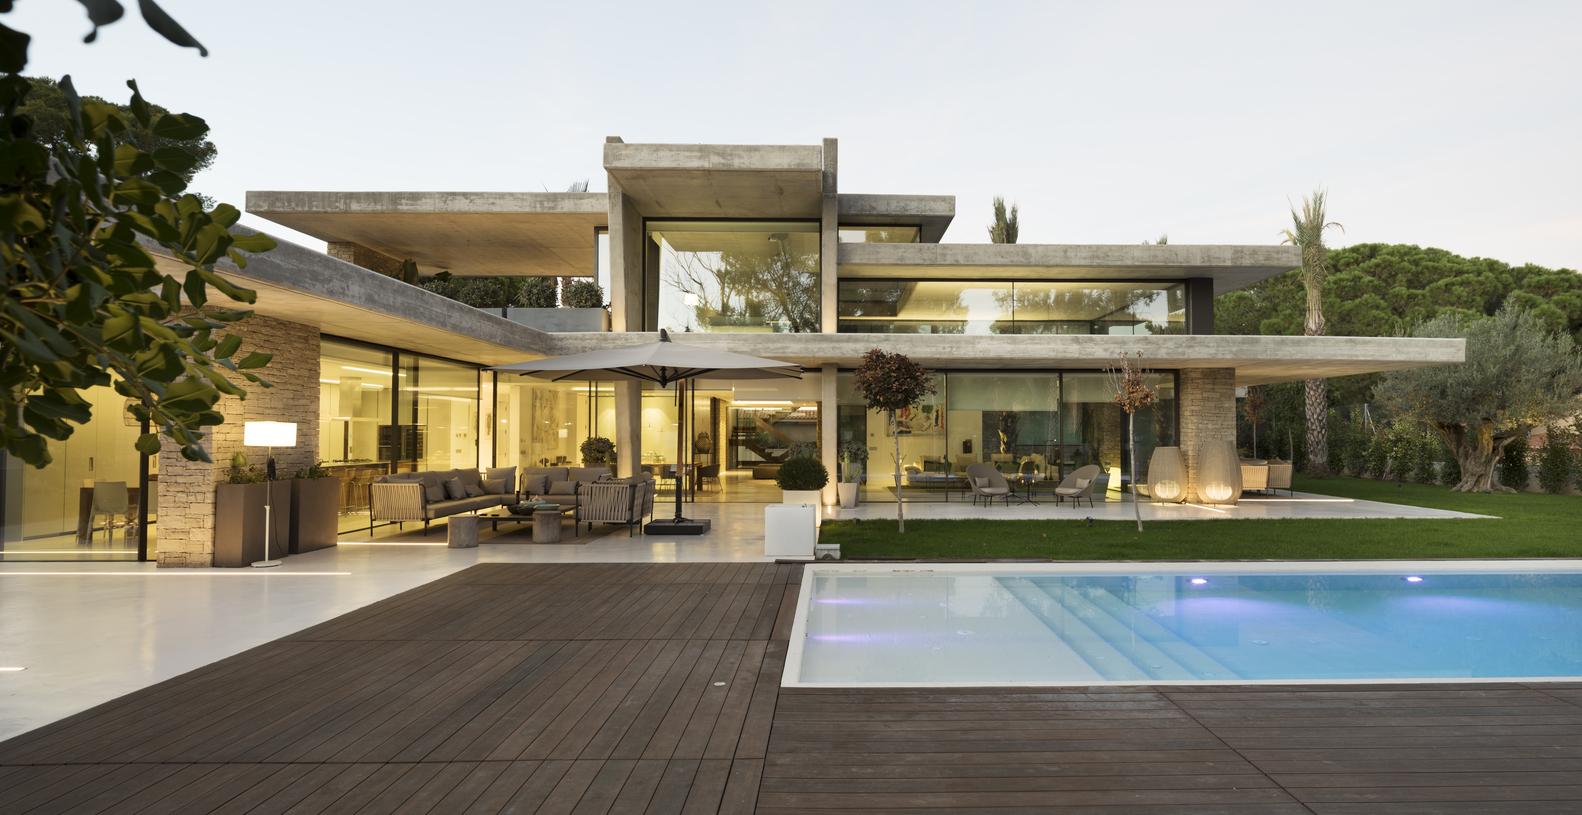 Vista sulla casa e sulla piscina / Alfonso Calza